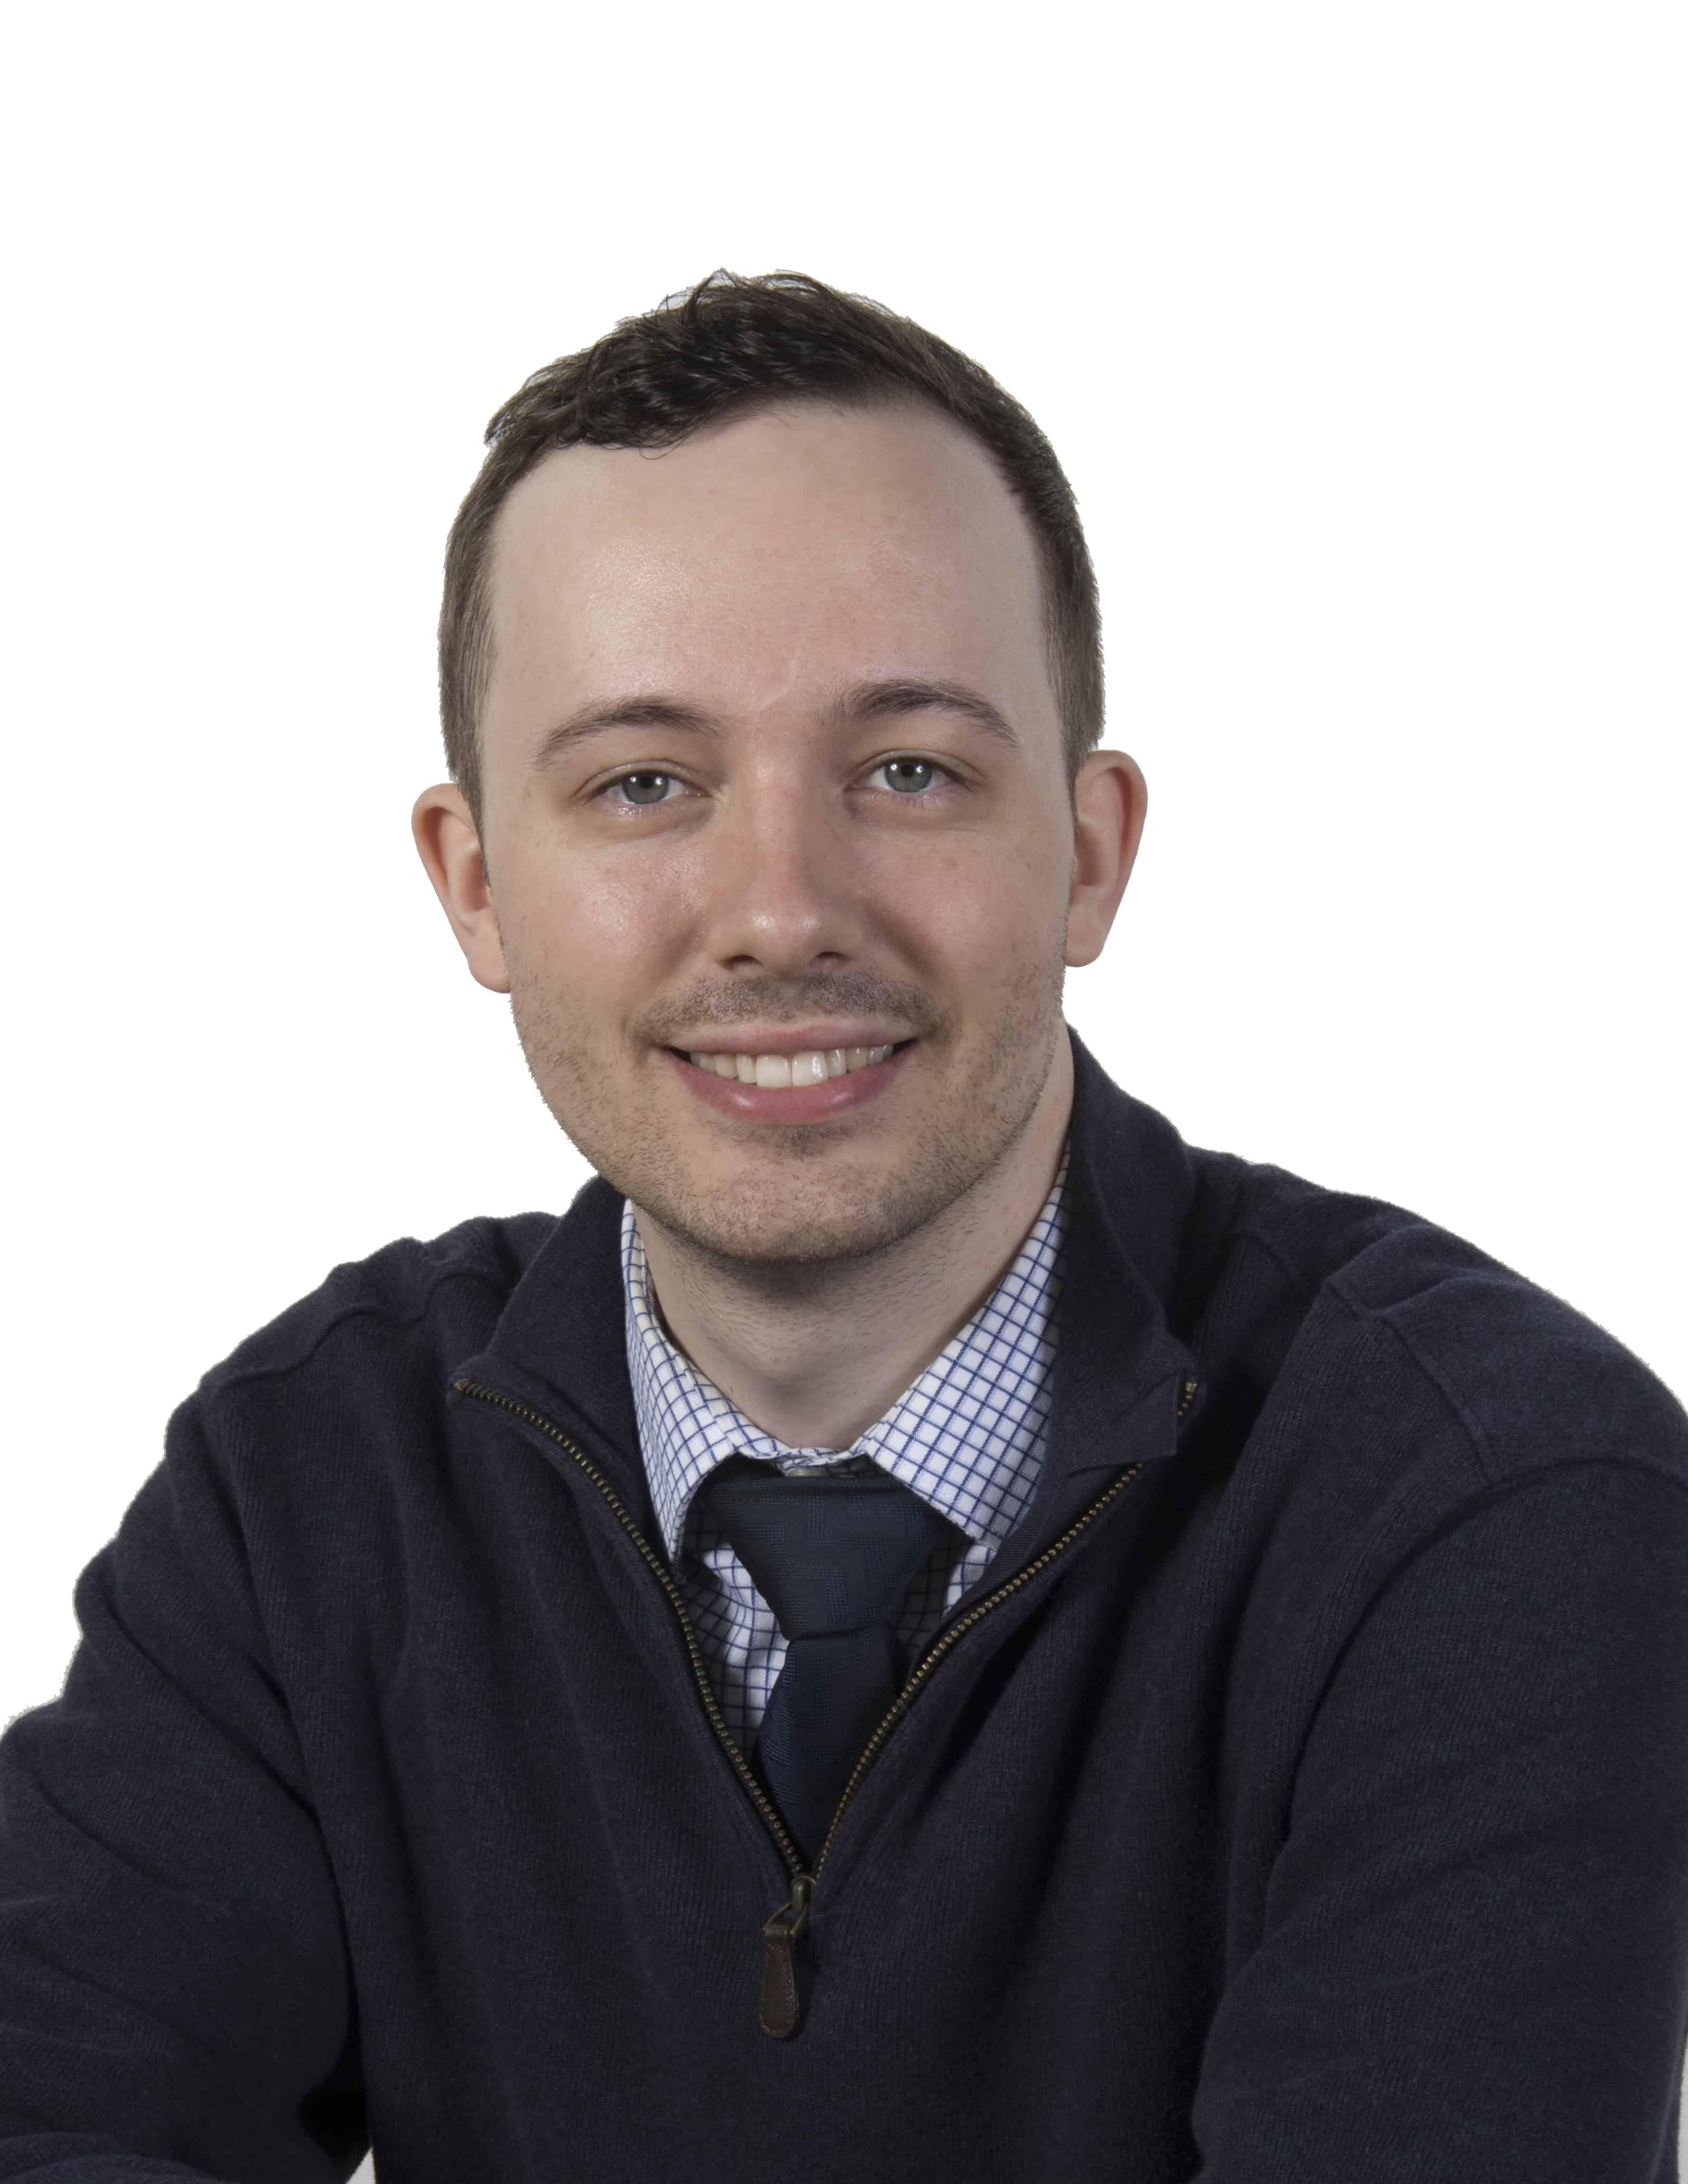 Tyler Donovan